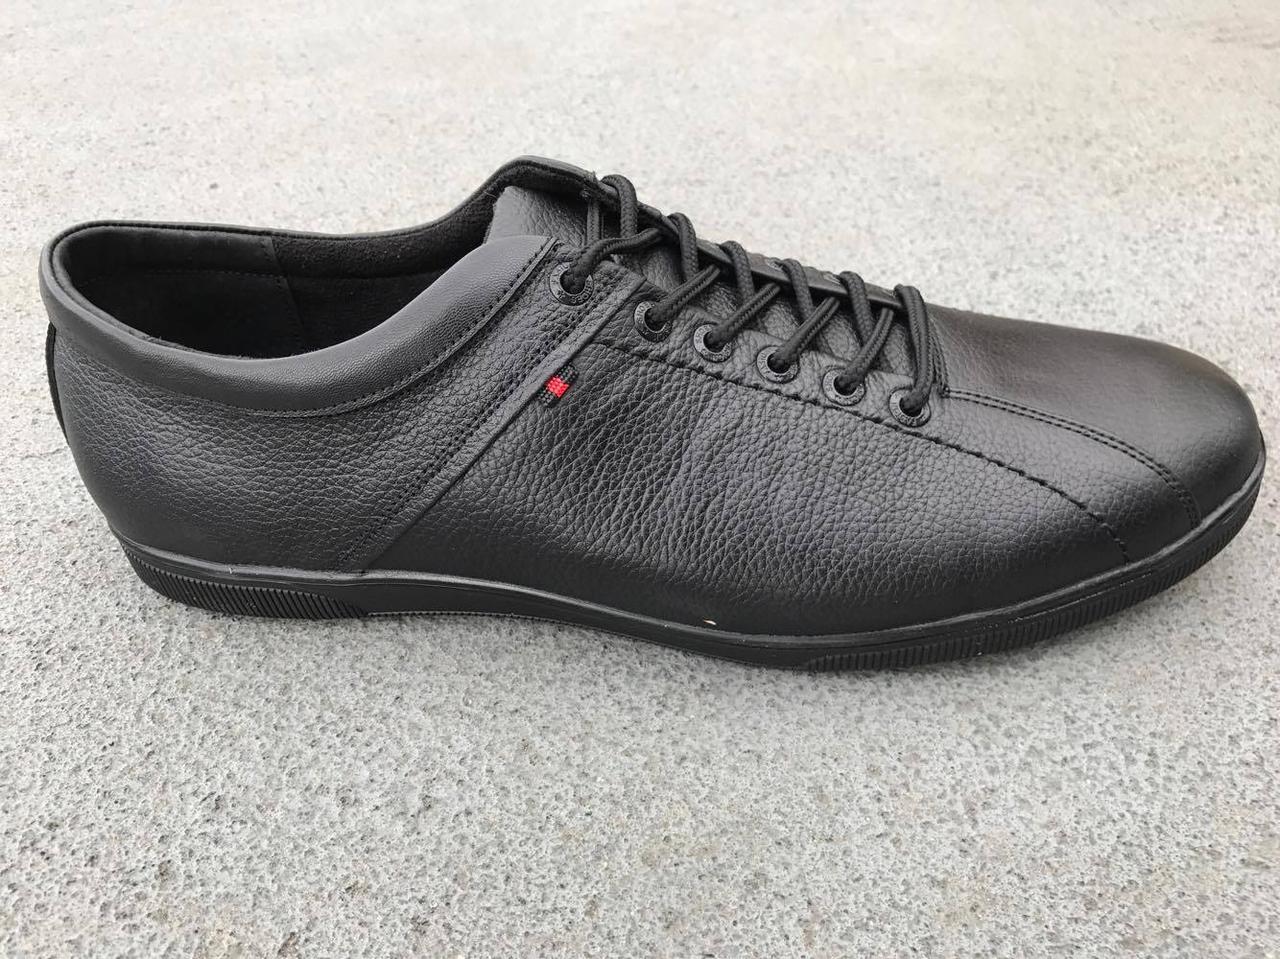 9cb56e006 Обувь больших размеров Кожаные мужские кроссовки, спортивные туфли Big Boss  размеры 46,47,